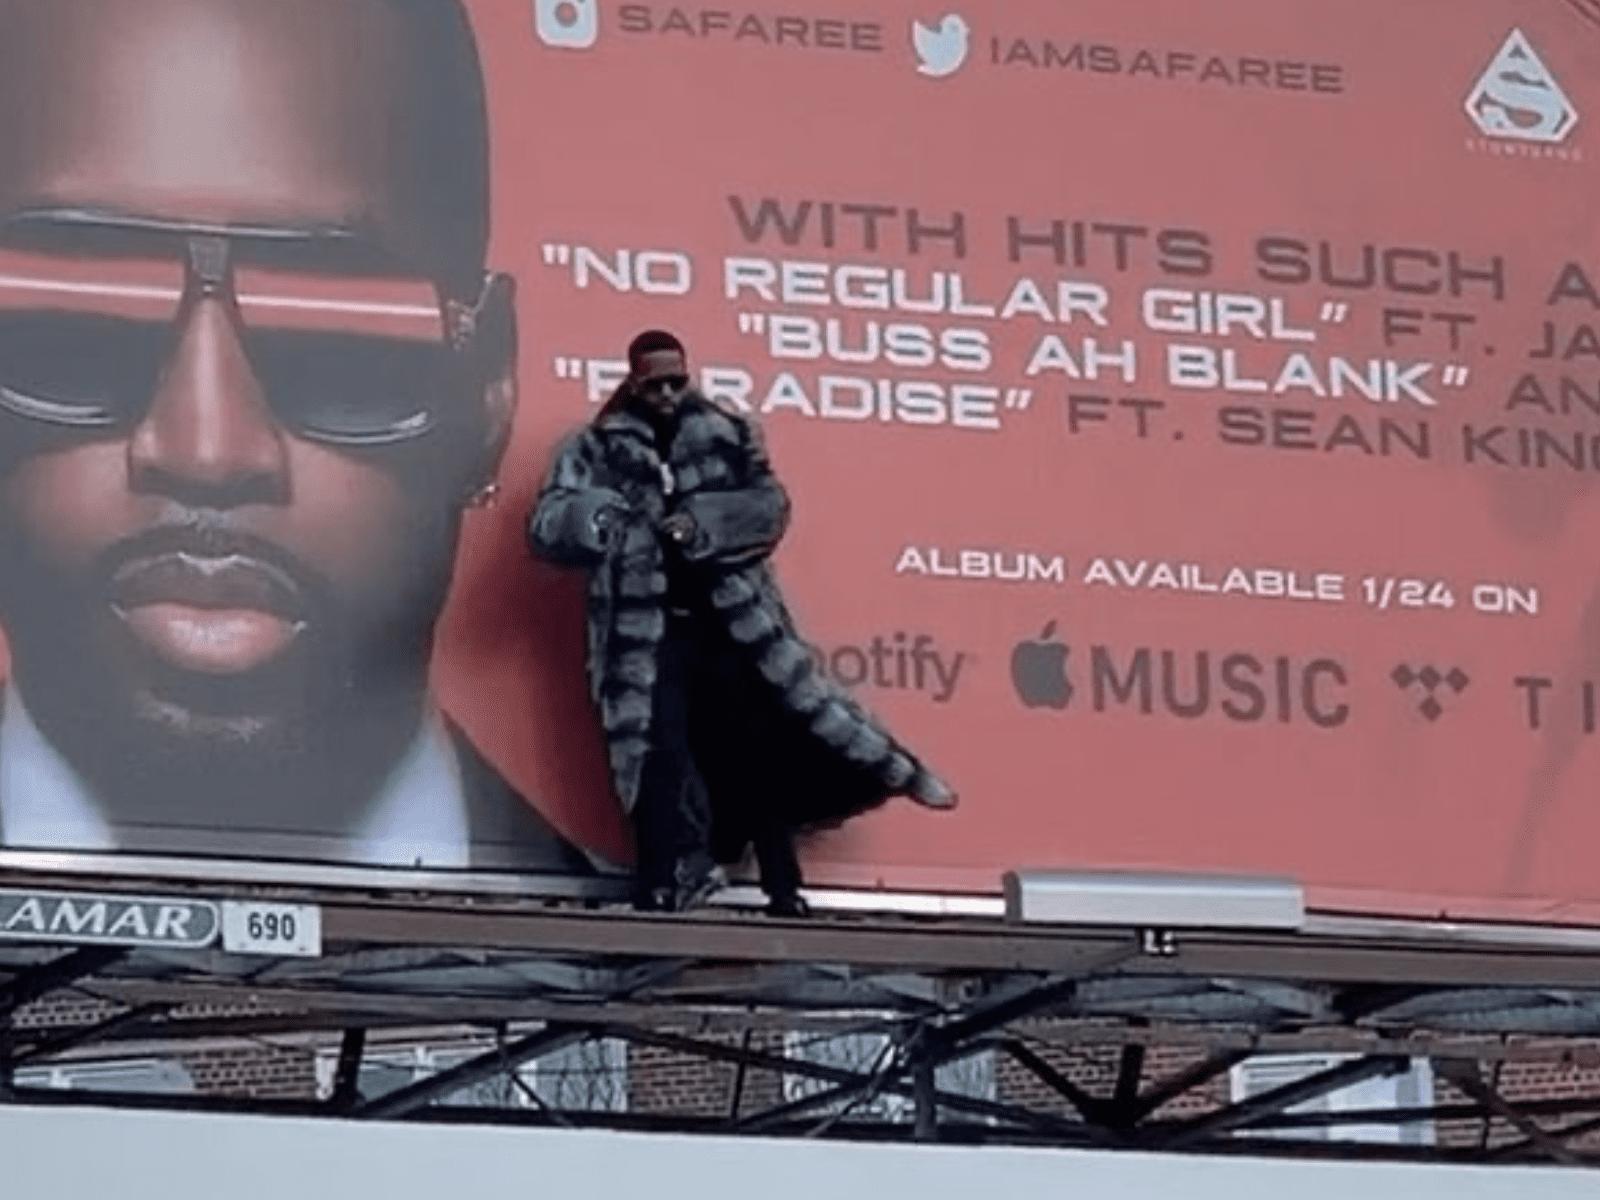 Safaree Samuels Billboard